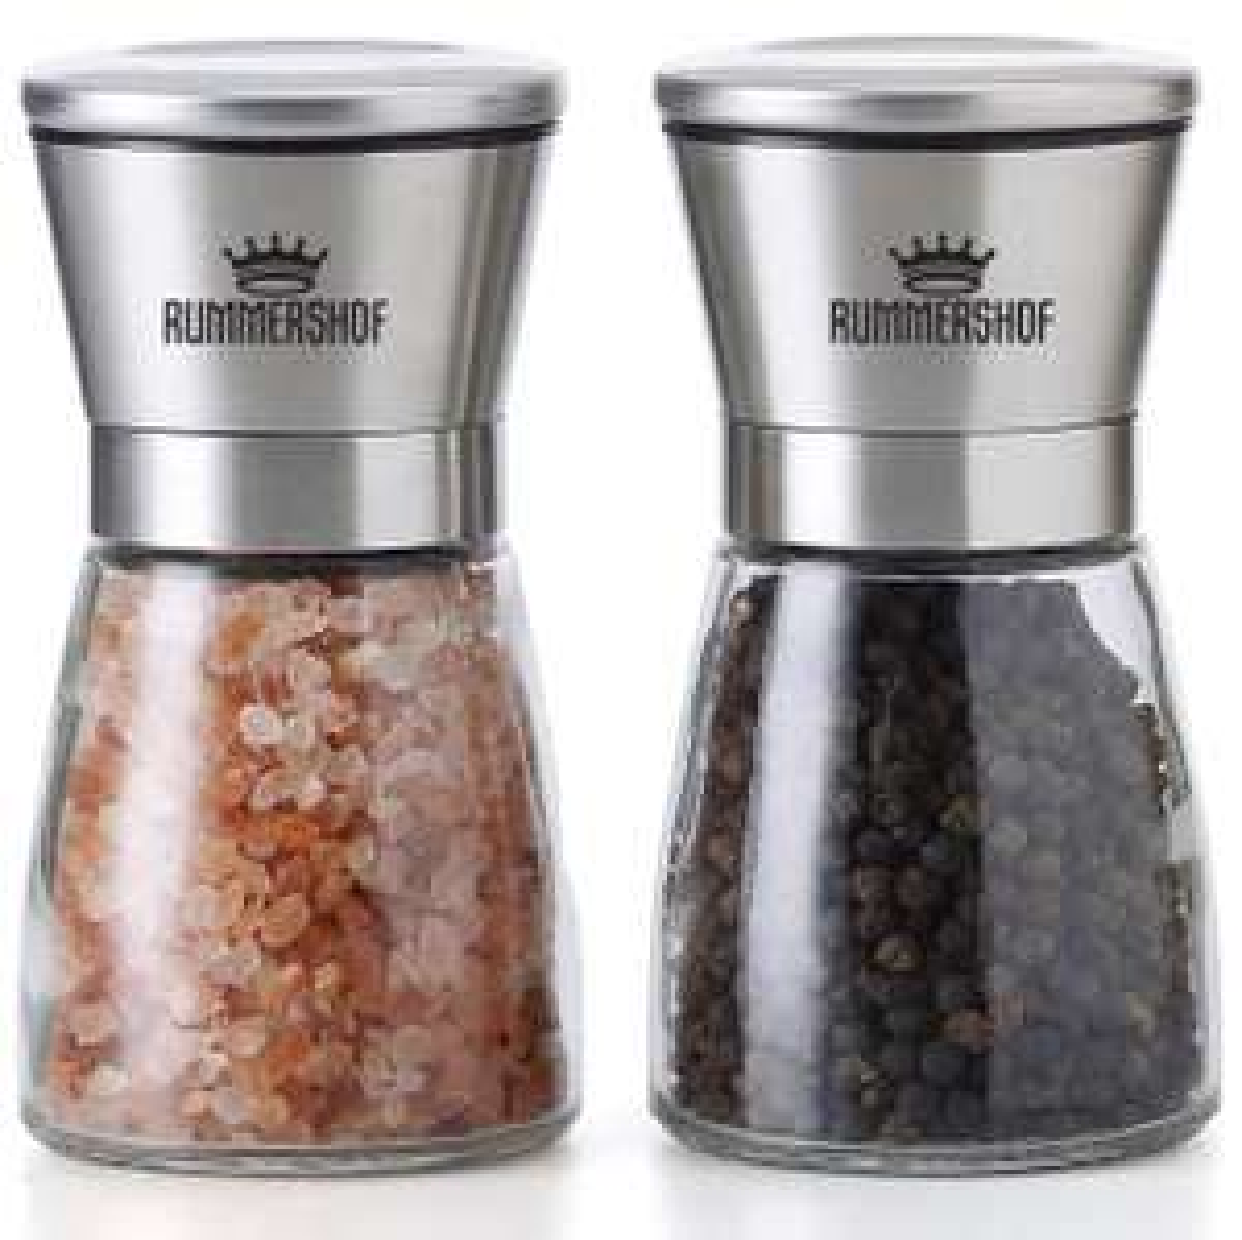 (Schnell sein/Blitzangebot) Rummershof Salz und Pfeffer Mühle Set